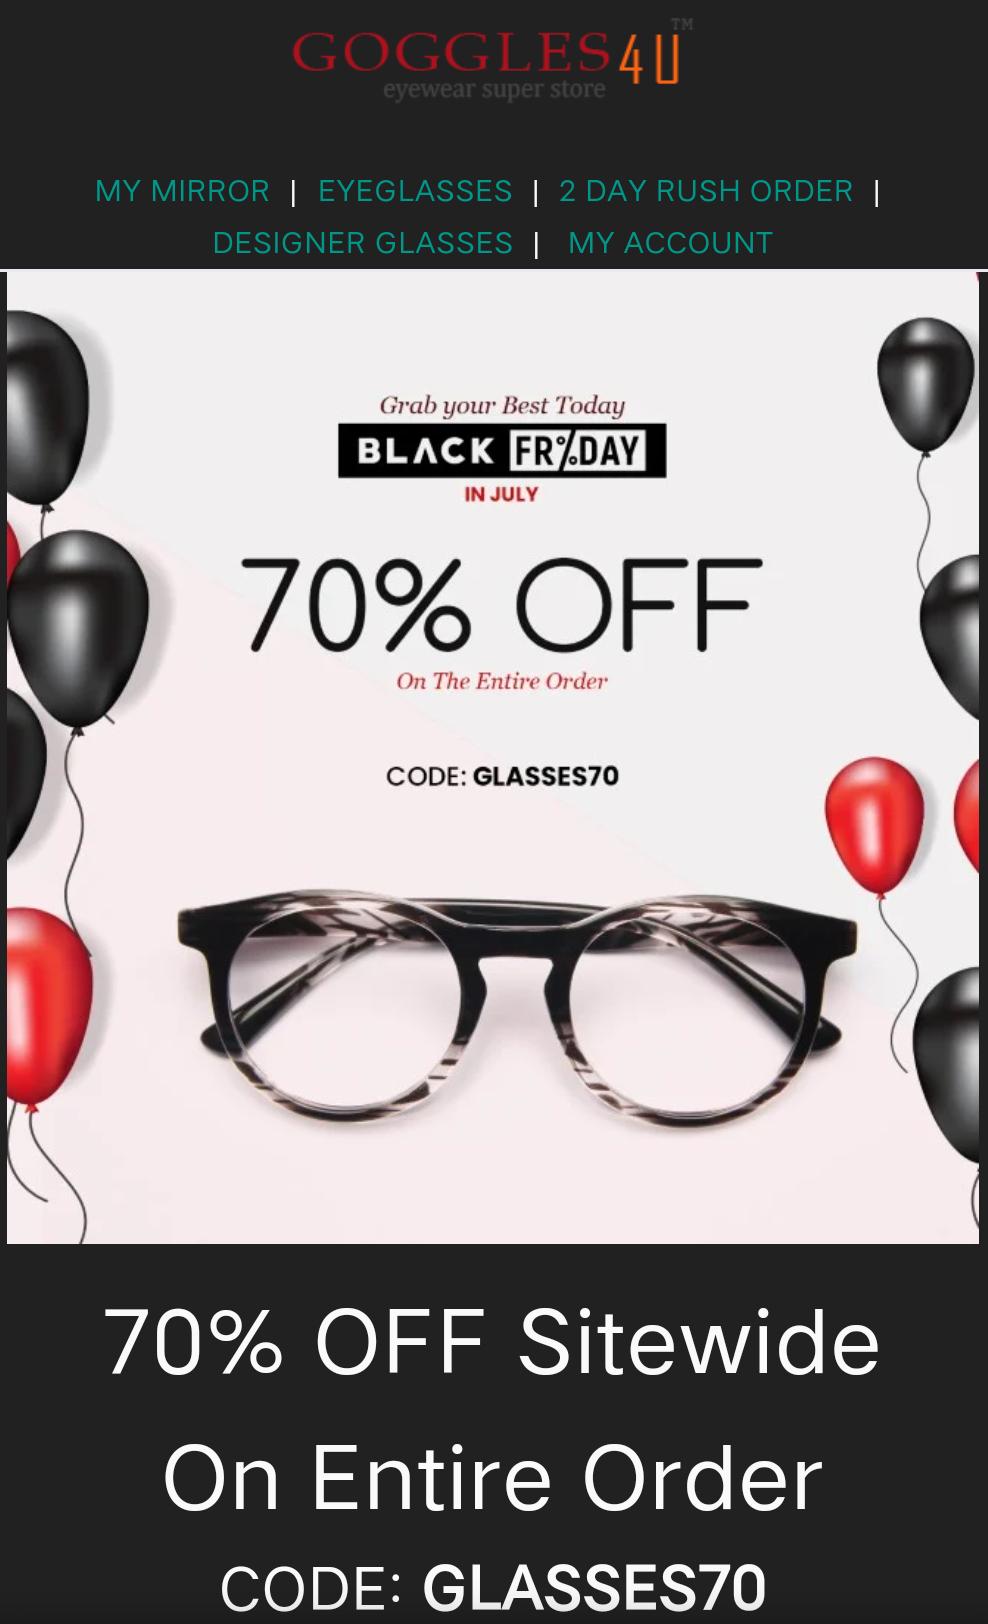 [goggles4u] 70% auf alle Bestellungen ab 12.95$ Brillen & Sonnenbrillen